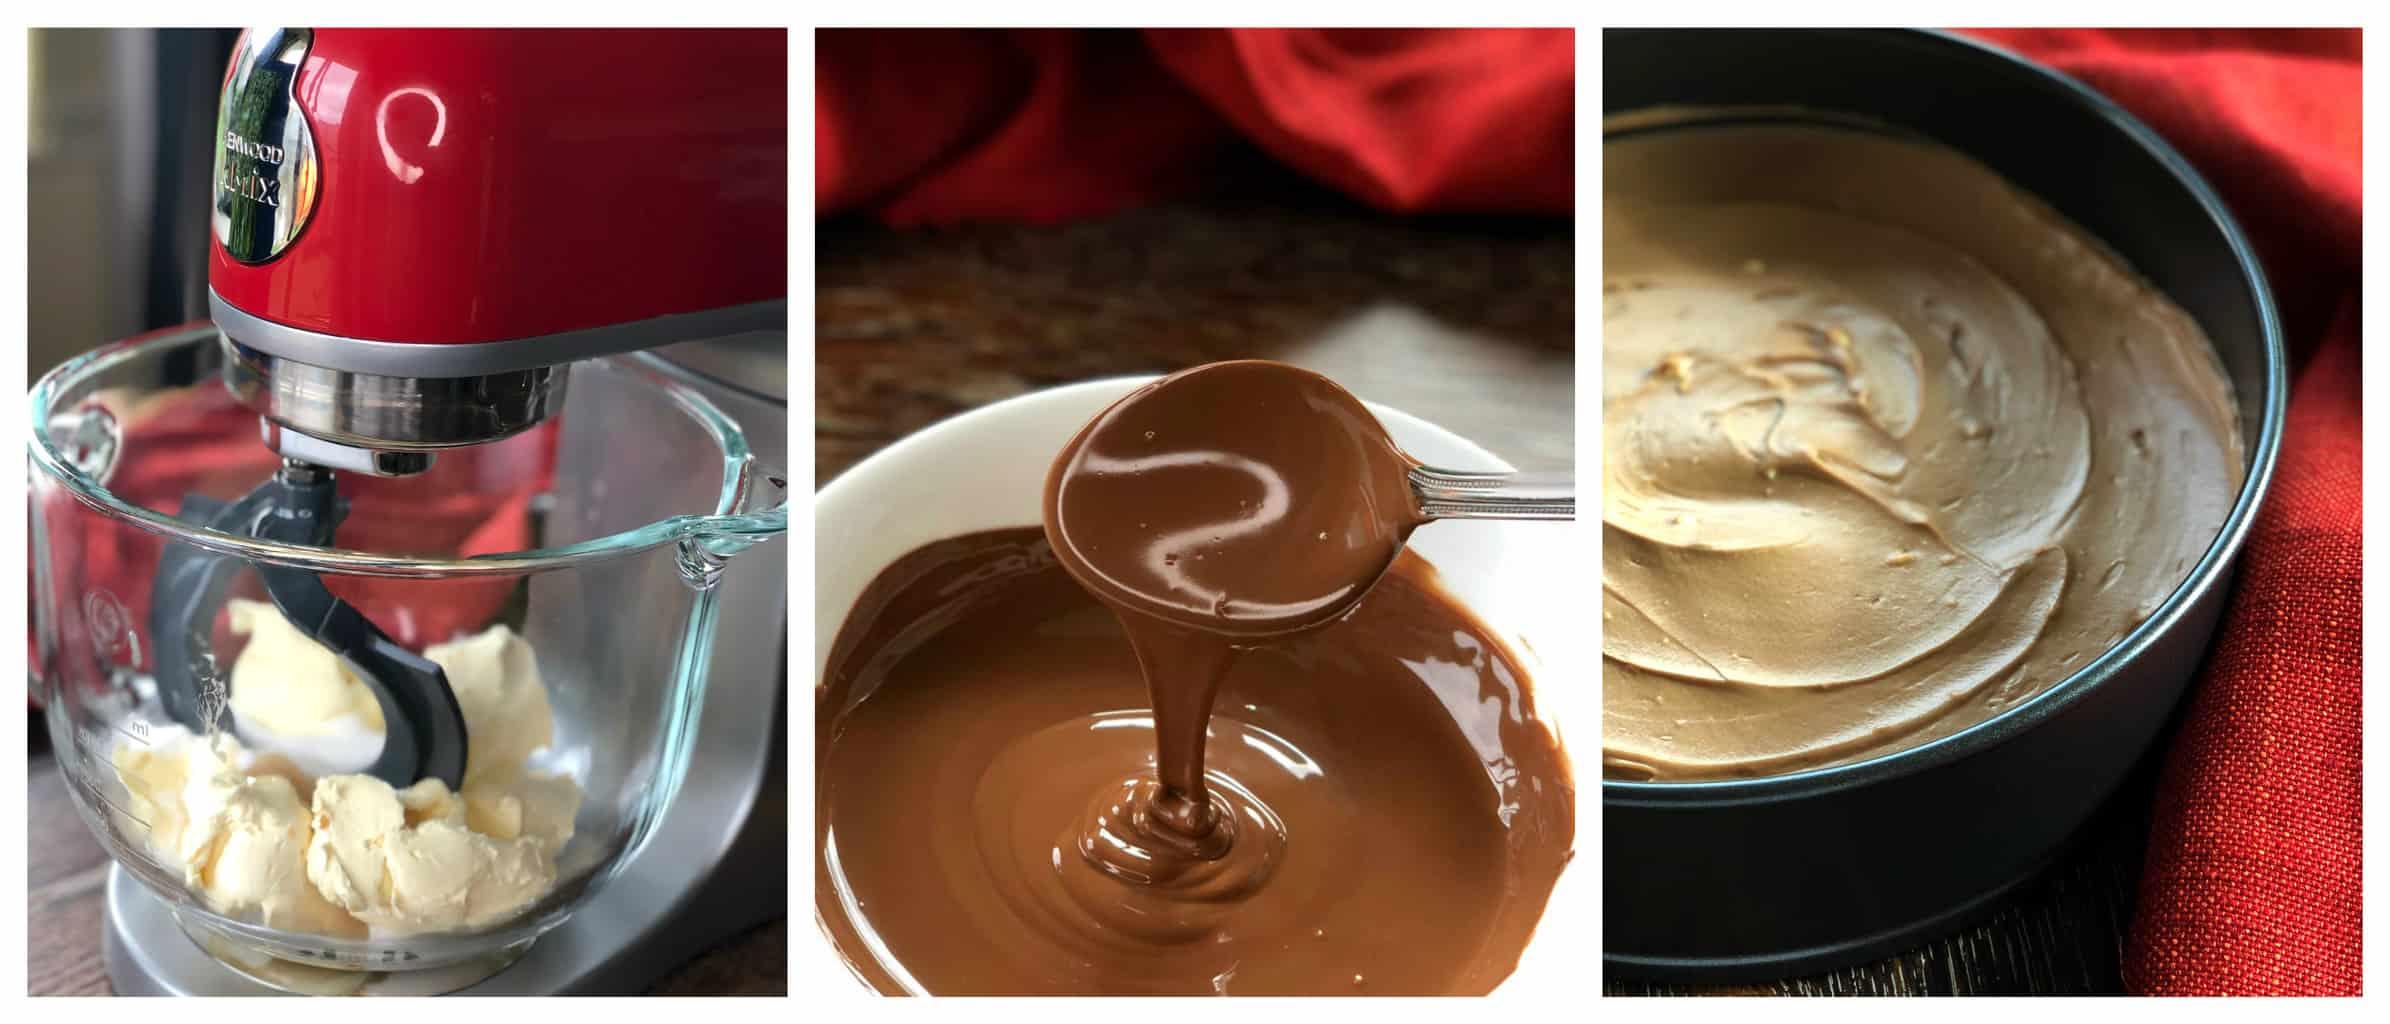 Preparing the Milk Chocolate Cheesecake